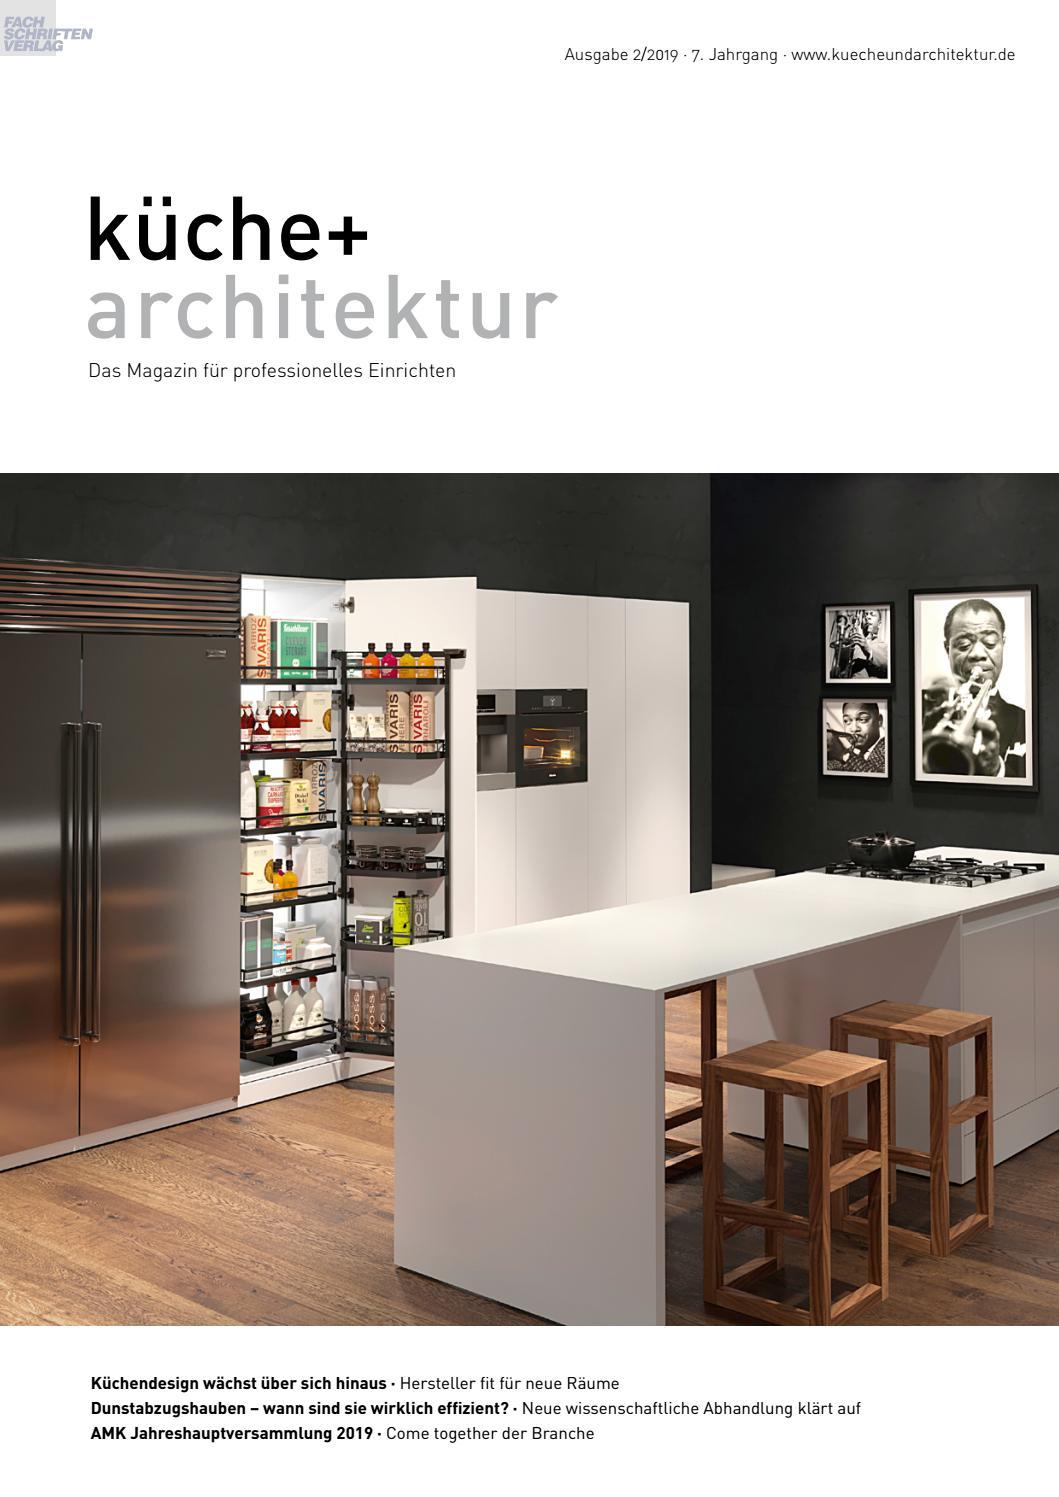 Full Size of Kche Architektur 2 2019 By Fachschriften Verlag Betten Bei Ikea Hotel Schweizer Hof Bad Füssing Küche Kaufen Modulküche Sofa Mit Schlaffunktion Miniküche Wohnzimmer Ausstellungsküchen Ikea Schweiz